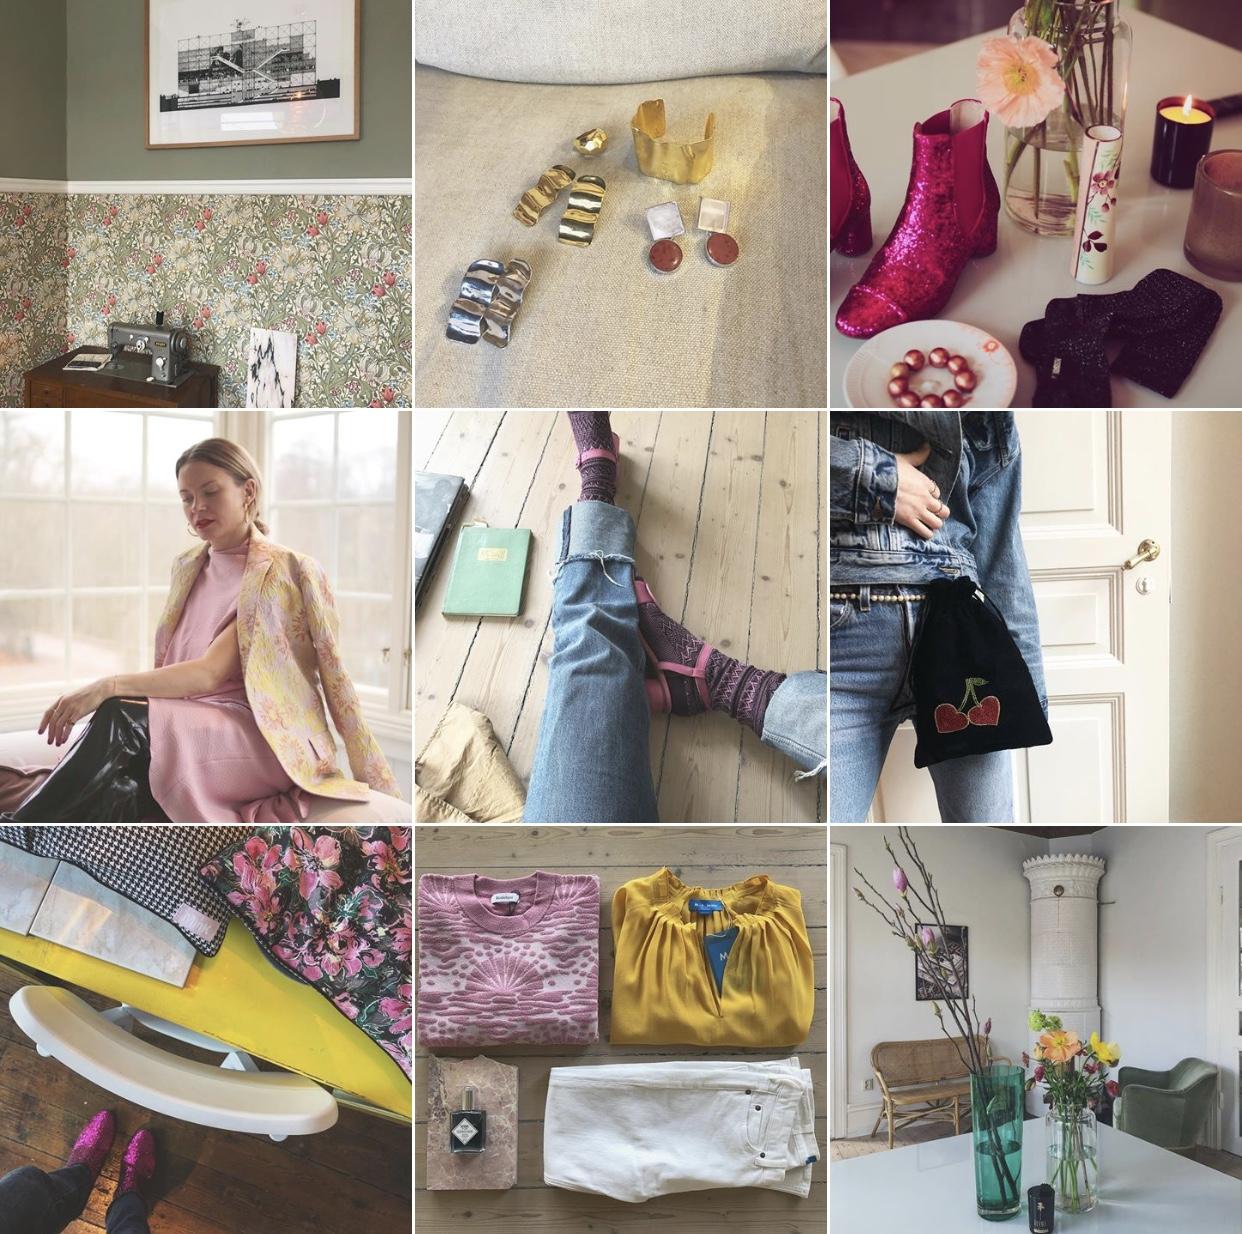 Så cool tjej med grymmaste smaken både på inredning och kläder. Hon driver  en liten butik i Råå där fokus ligger på det personliga mötet med ... 5d1db45d6ead0